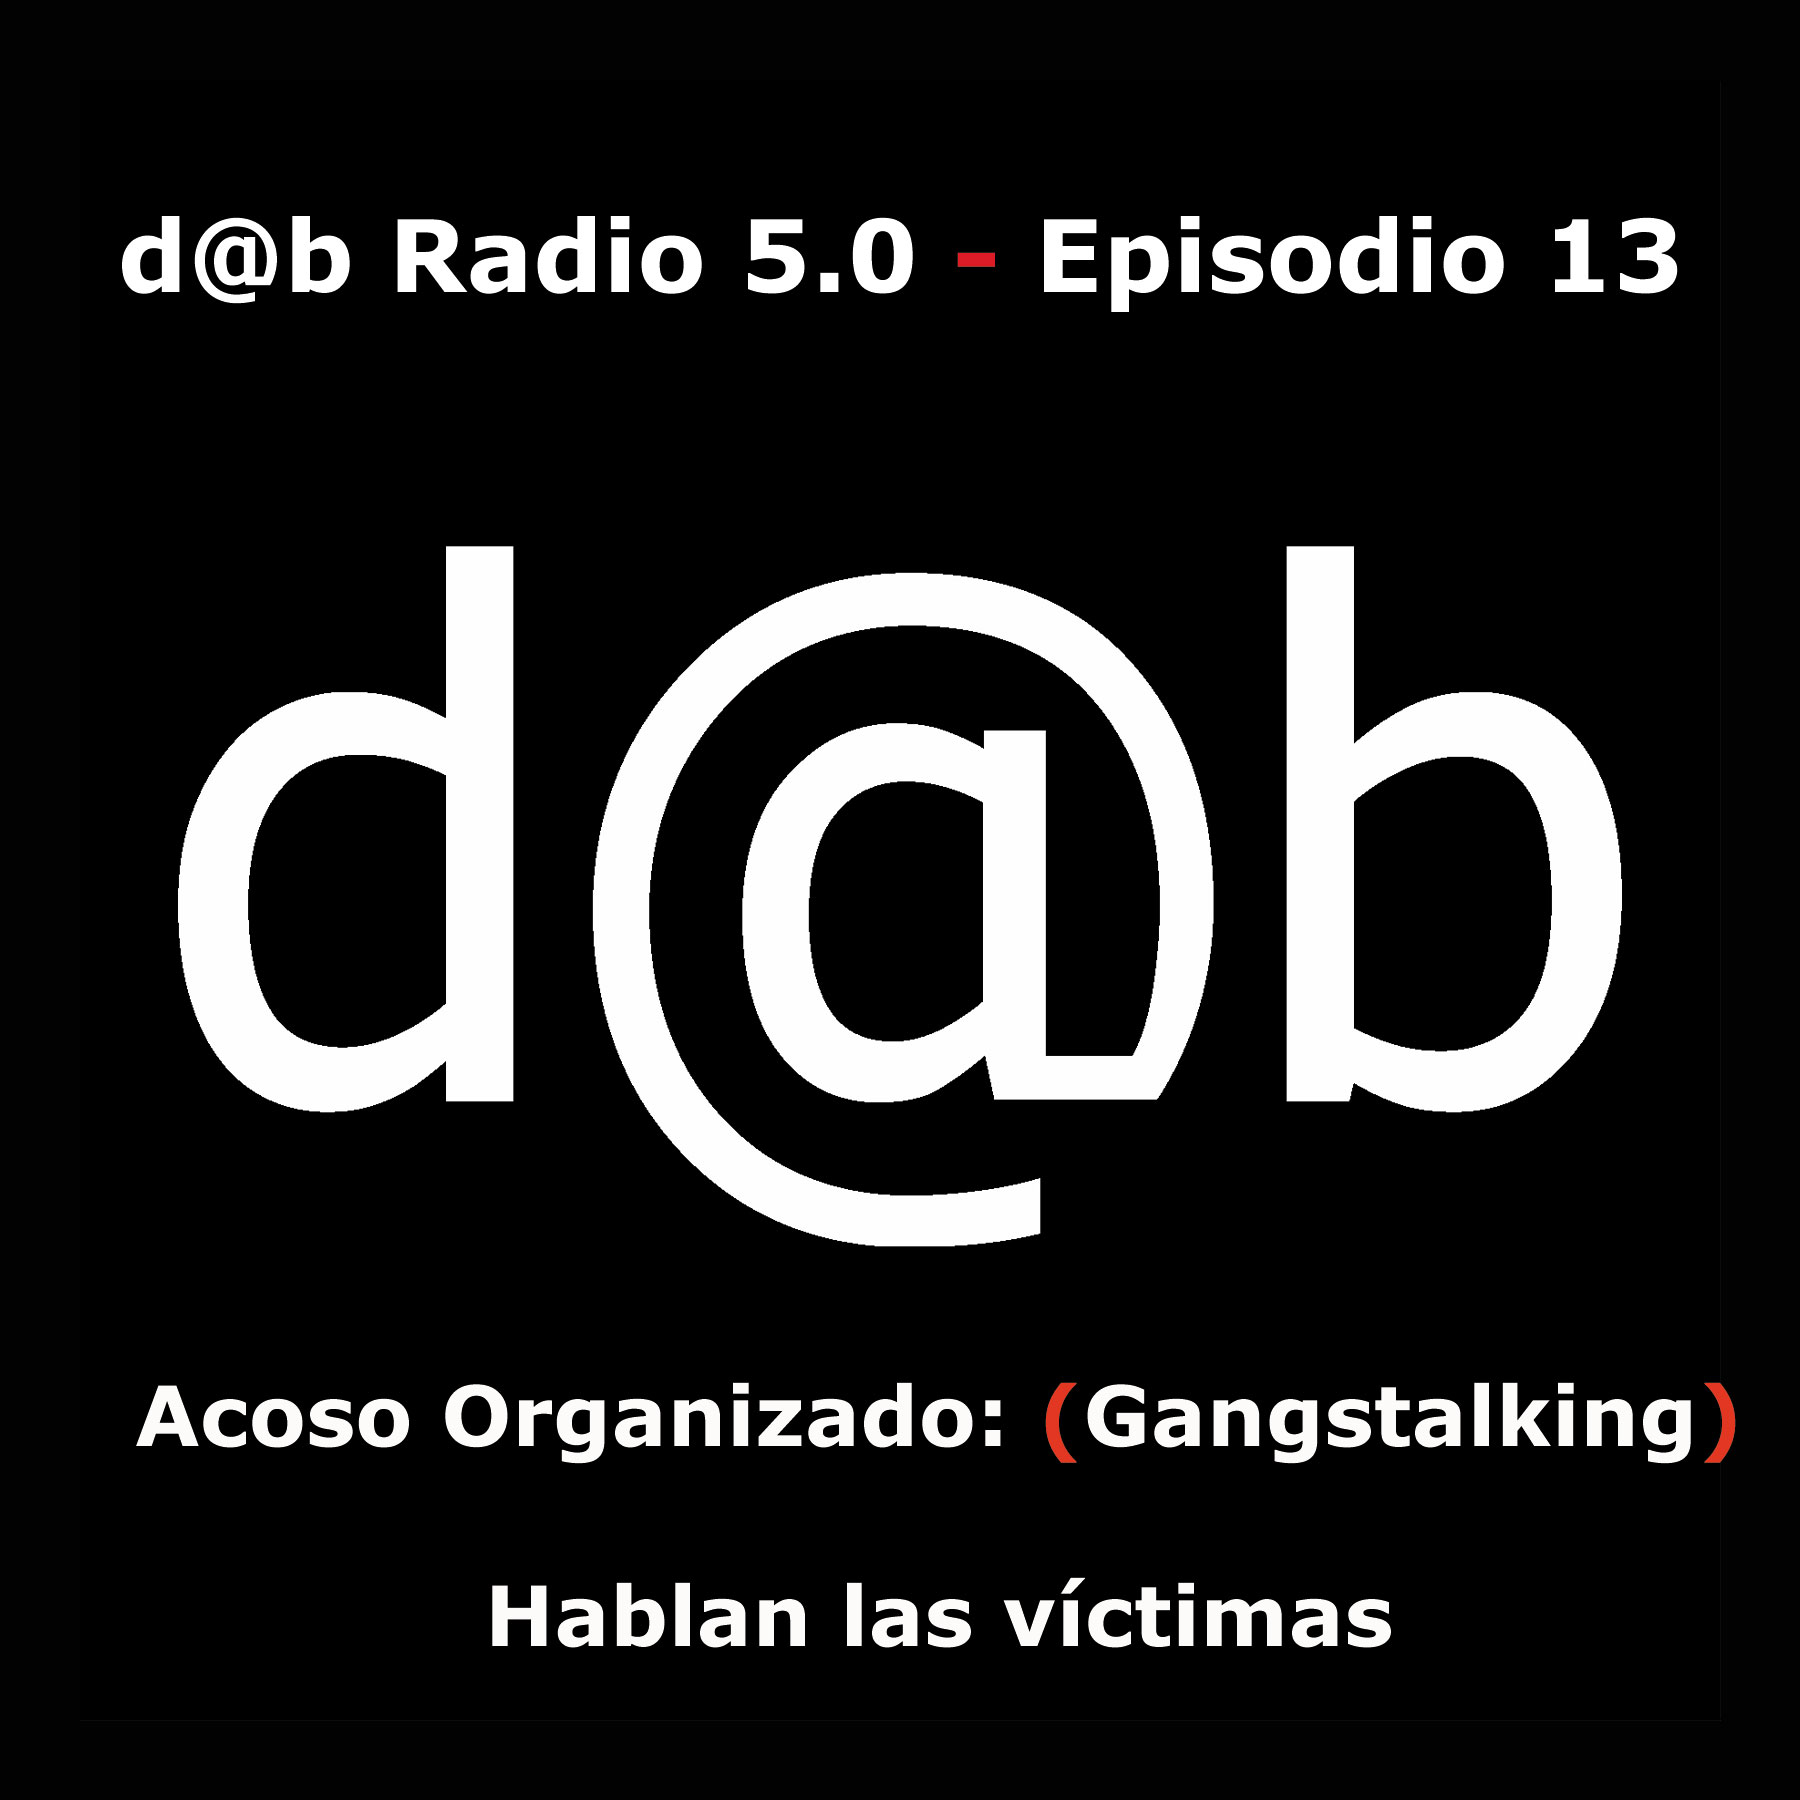 Desmontando a Babylon: d@b  radio  5.0  Episodio  13  –  Acoso  organizado  (Gangstalking):  hablan  las  víctimas